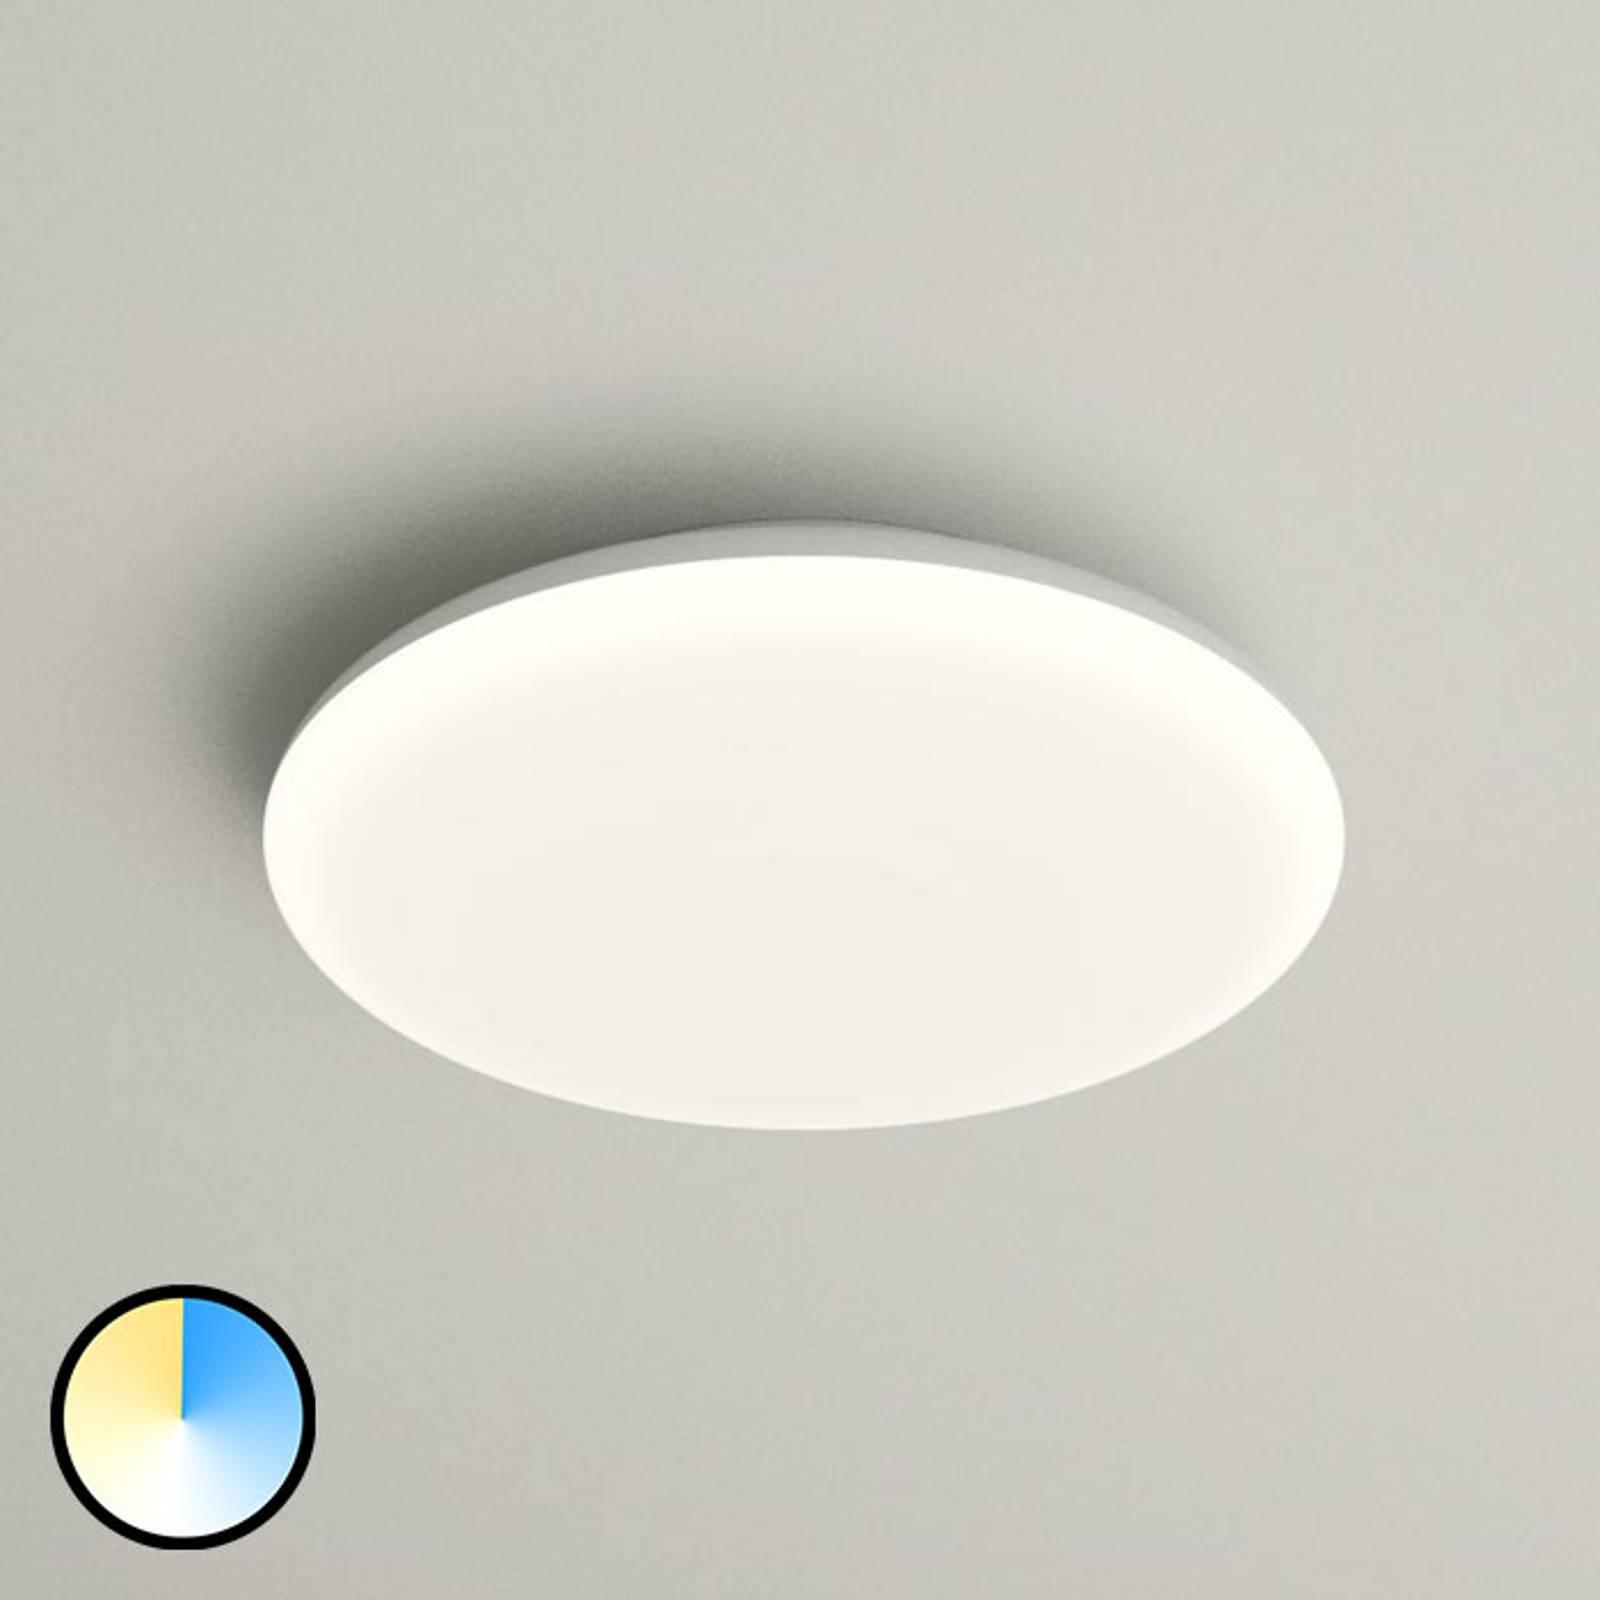 LED-kattovalo Azra, valkoinen, pyöreä IP54 Ø 25 cm